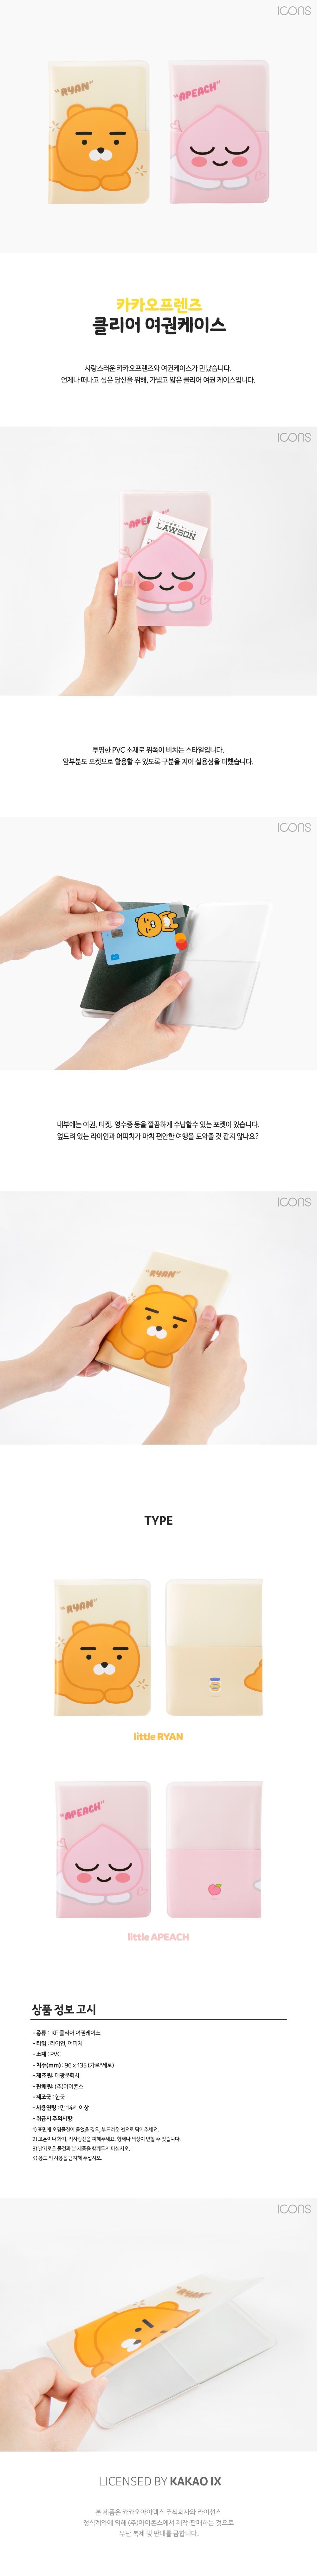 [Kakao Friends, Little Friends] Clear Passport Case -holiholic.com